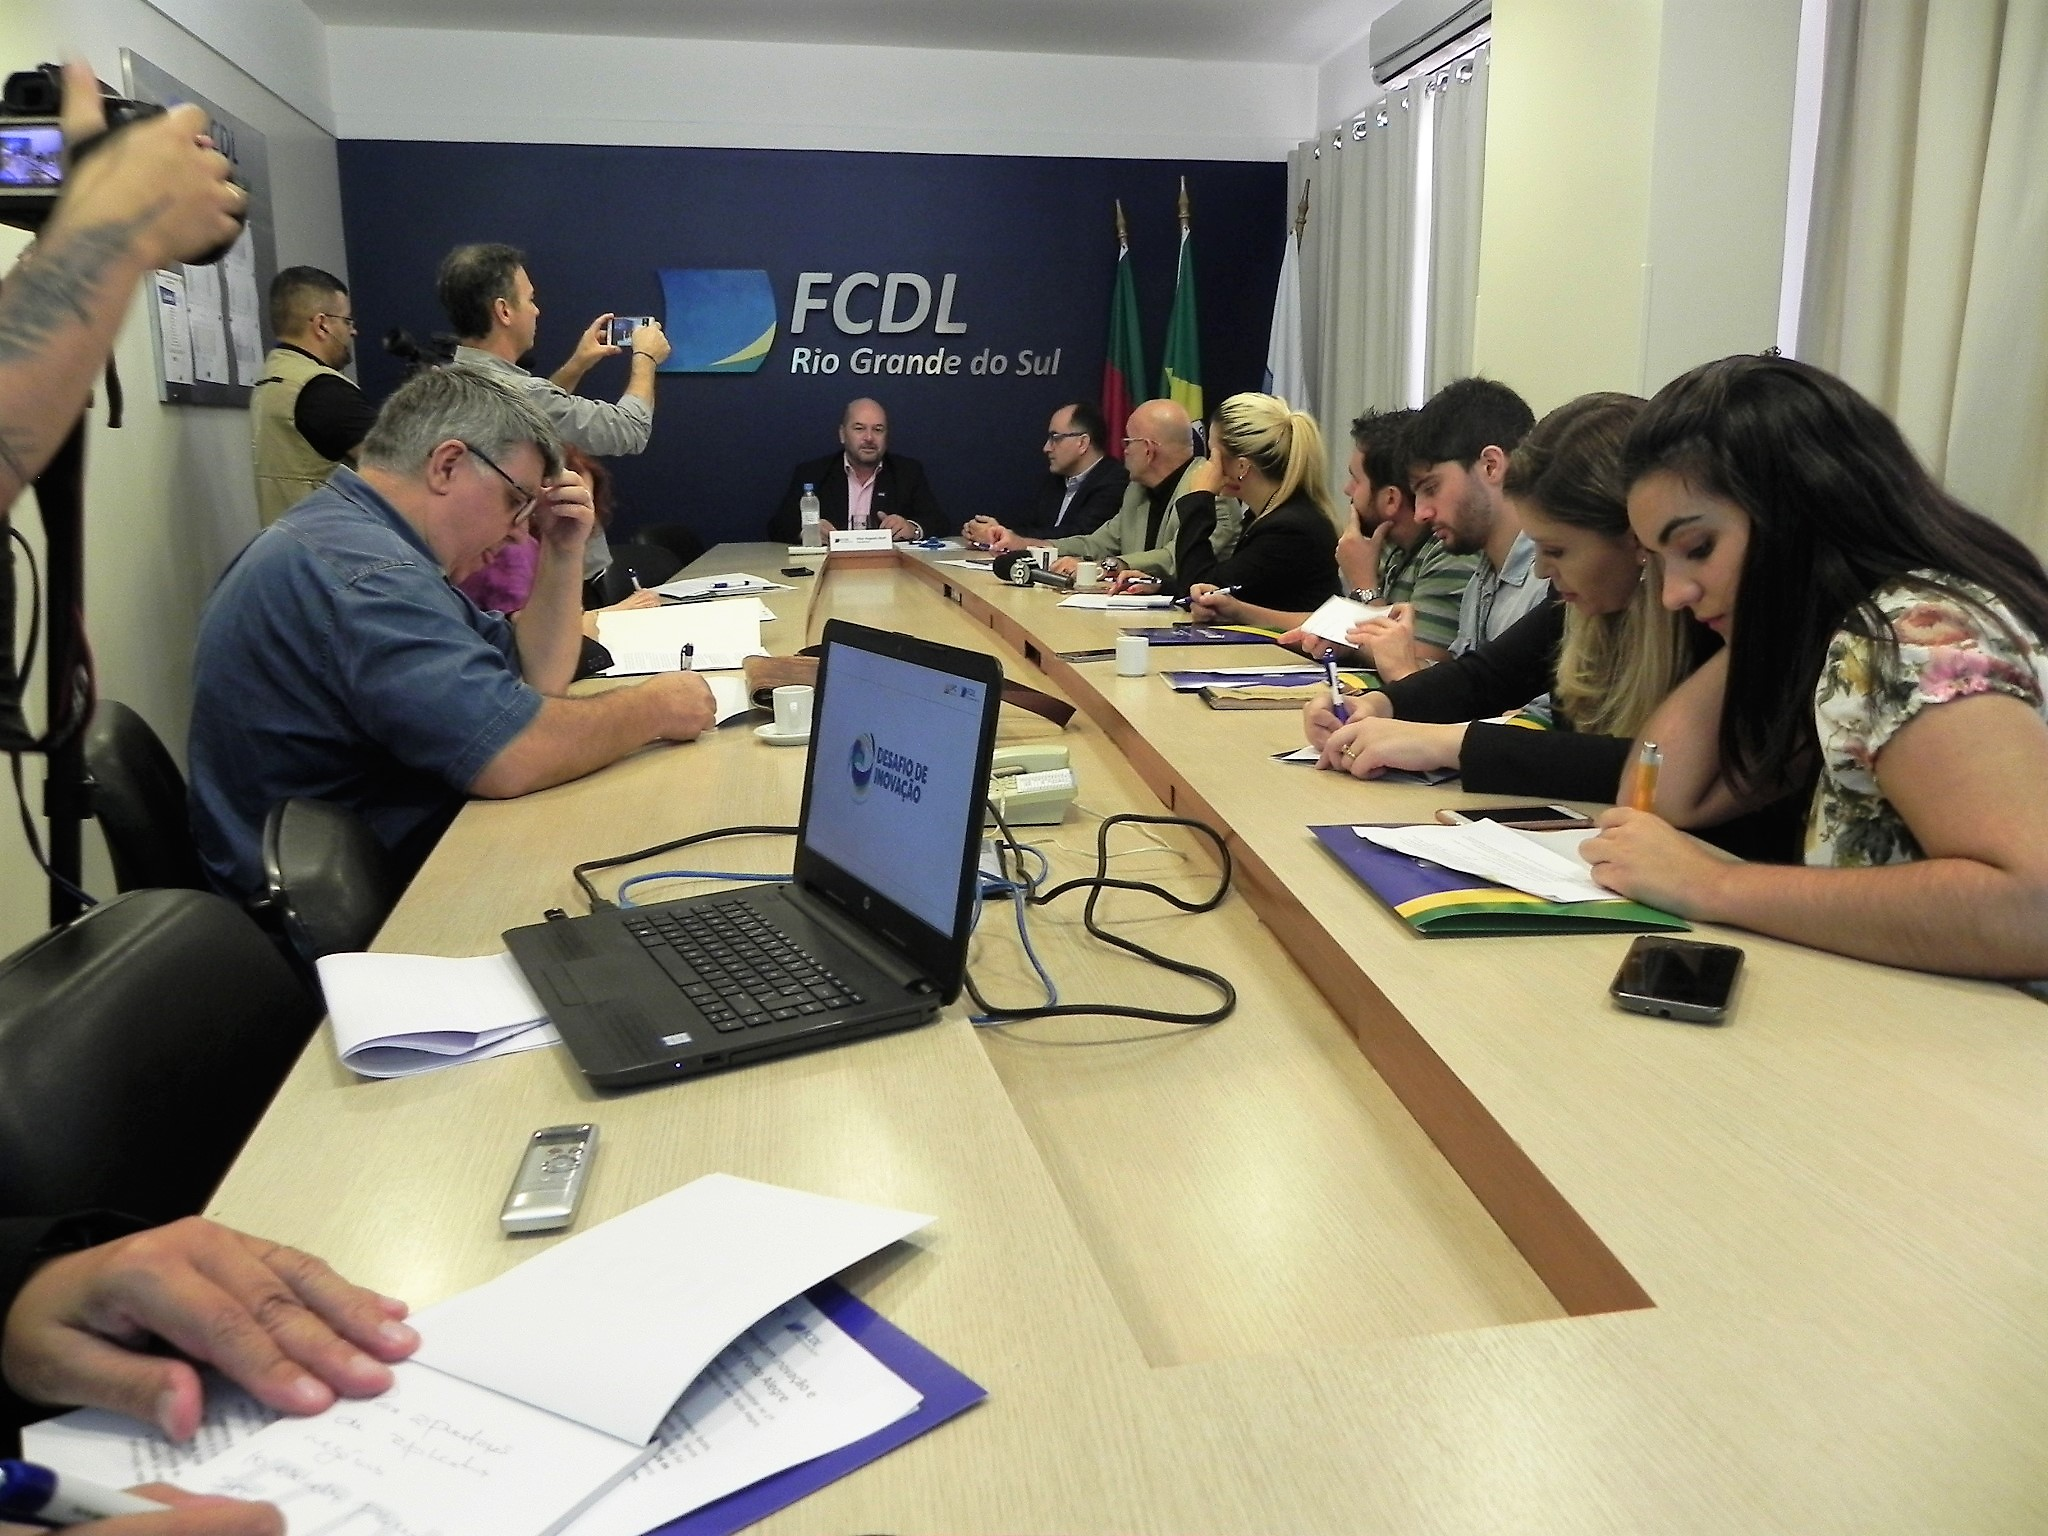 Spc brasil e fcdl rs lançam projeto de inovação tecnológica a fim